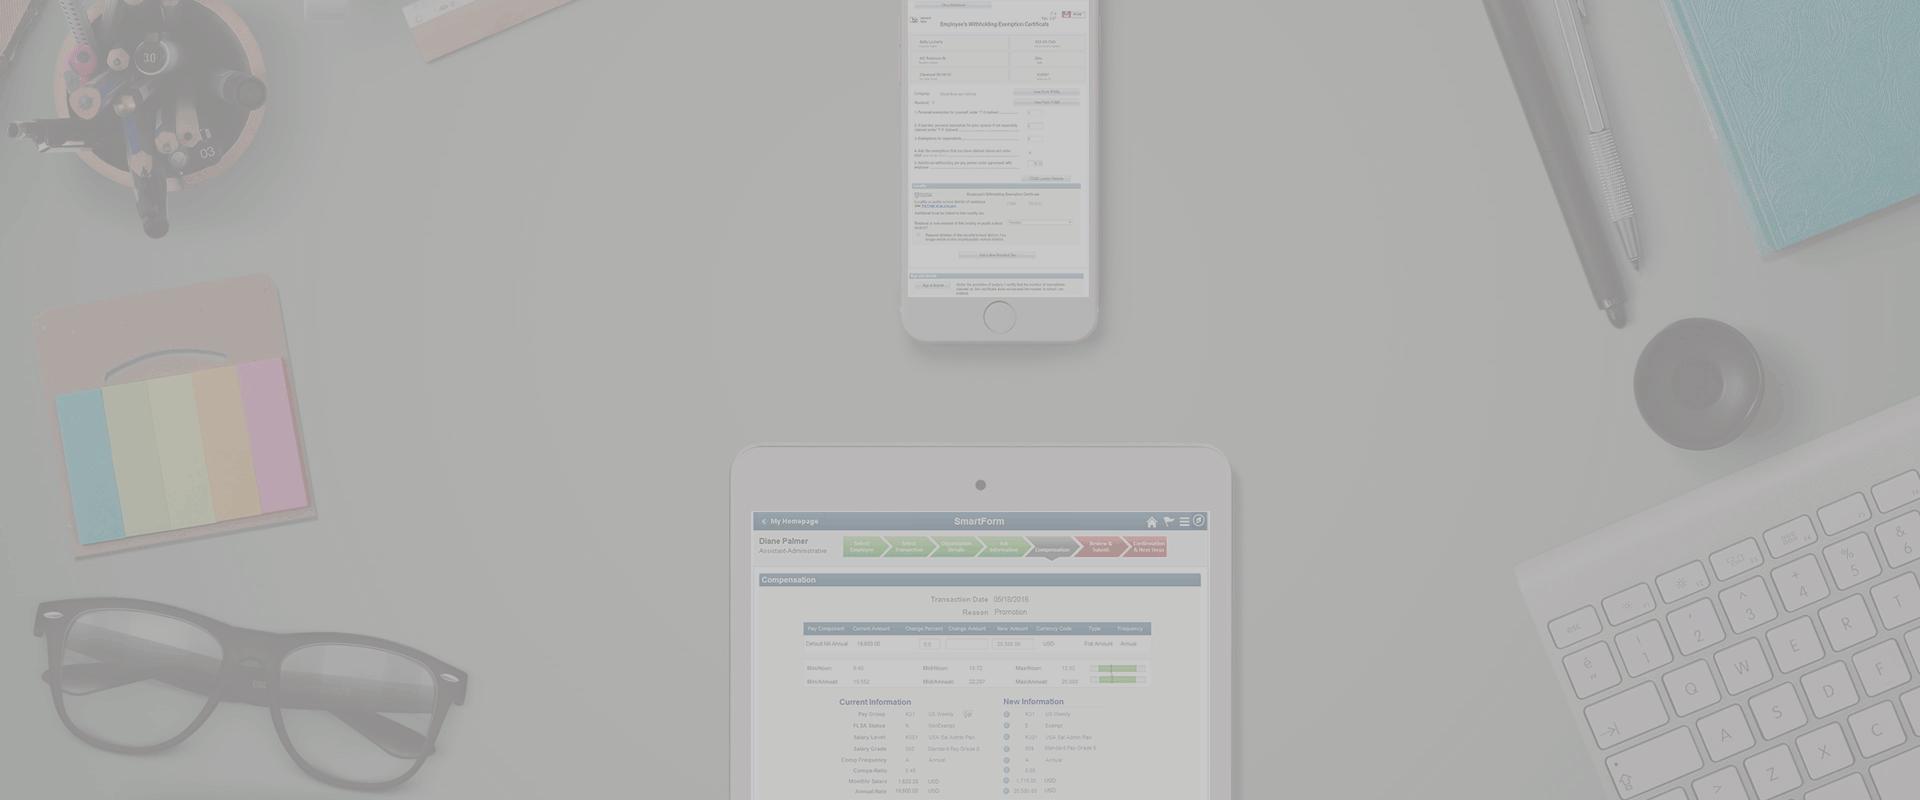 SmartForms v4 Release